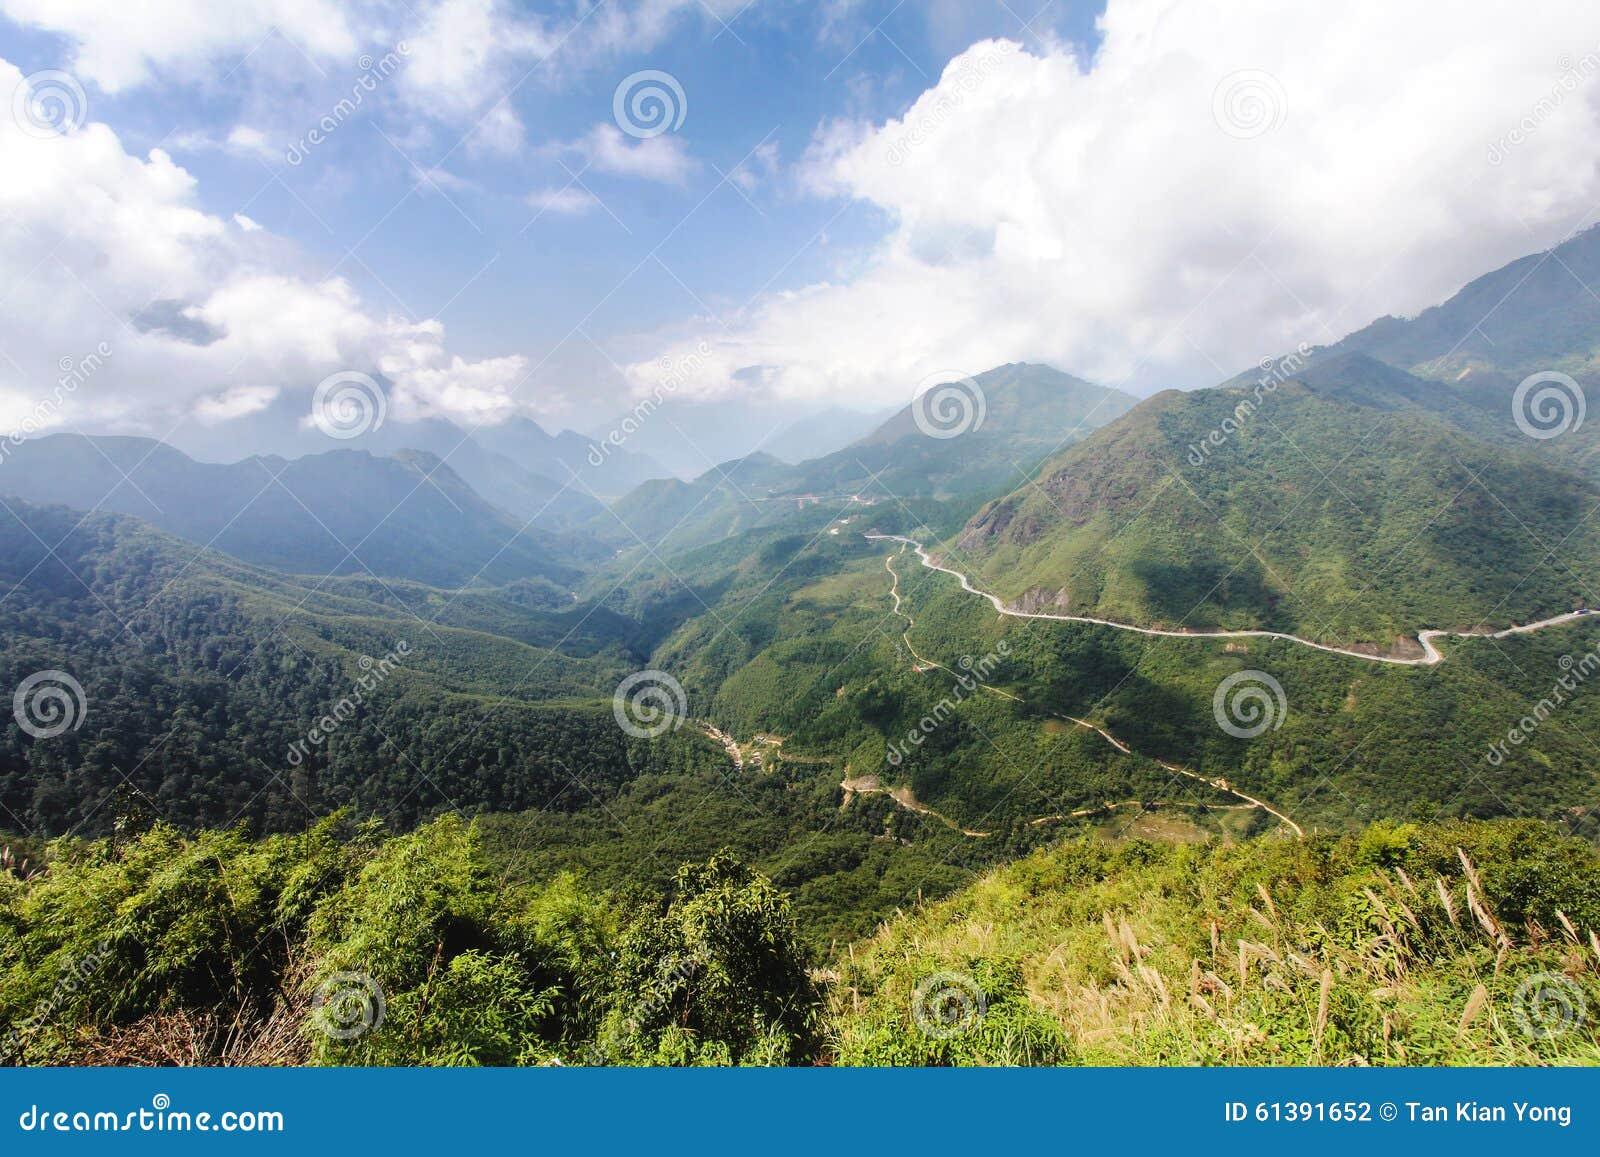 Ο τόνος τραμ ή η πύλη ουρανών περνά στη λαοτιανή επαρχία CAI στο Βιετνάμ